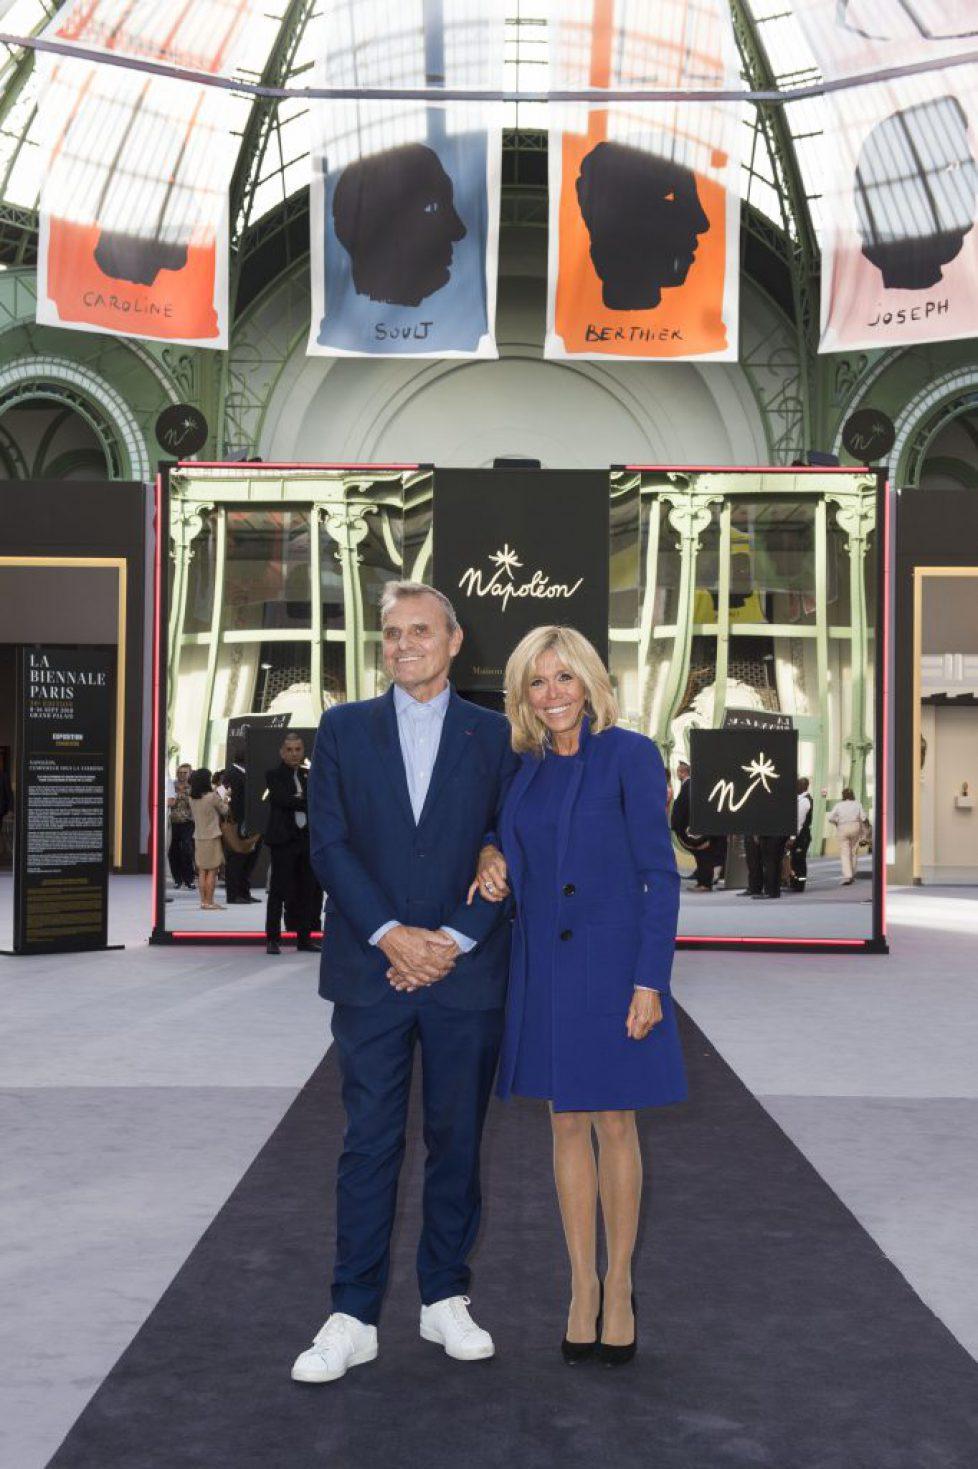 visite de Madame Macron Biennale de Paris le 10 septembre 2018© julio Piatti